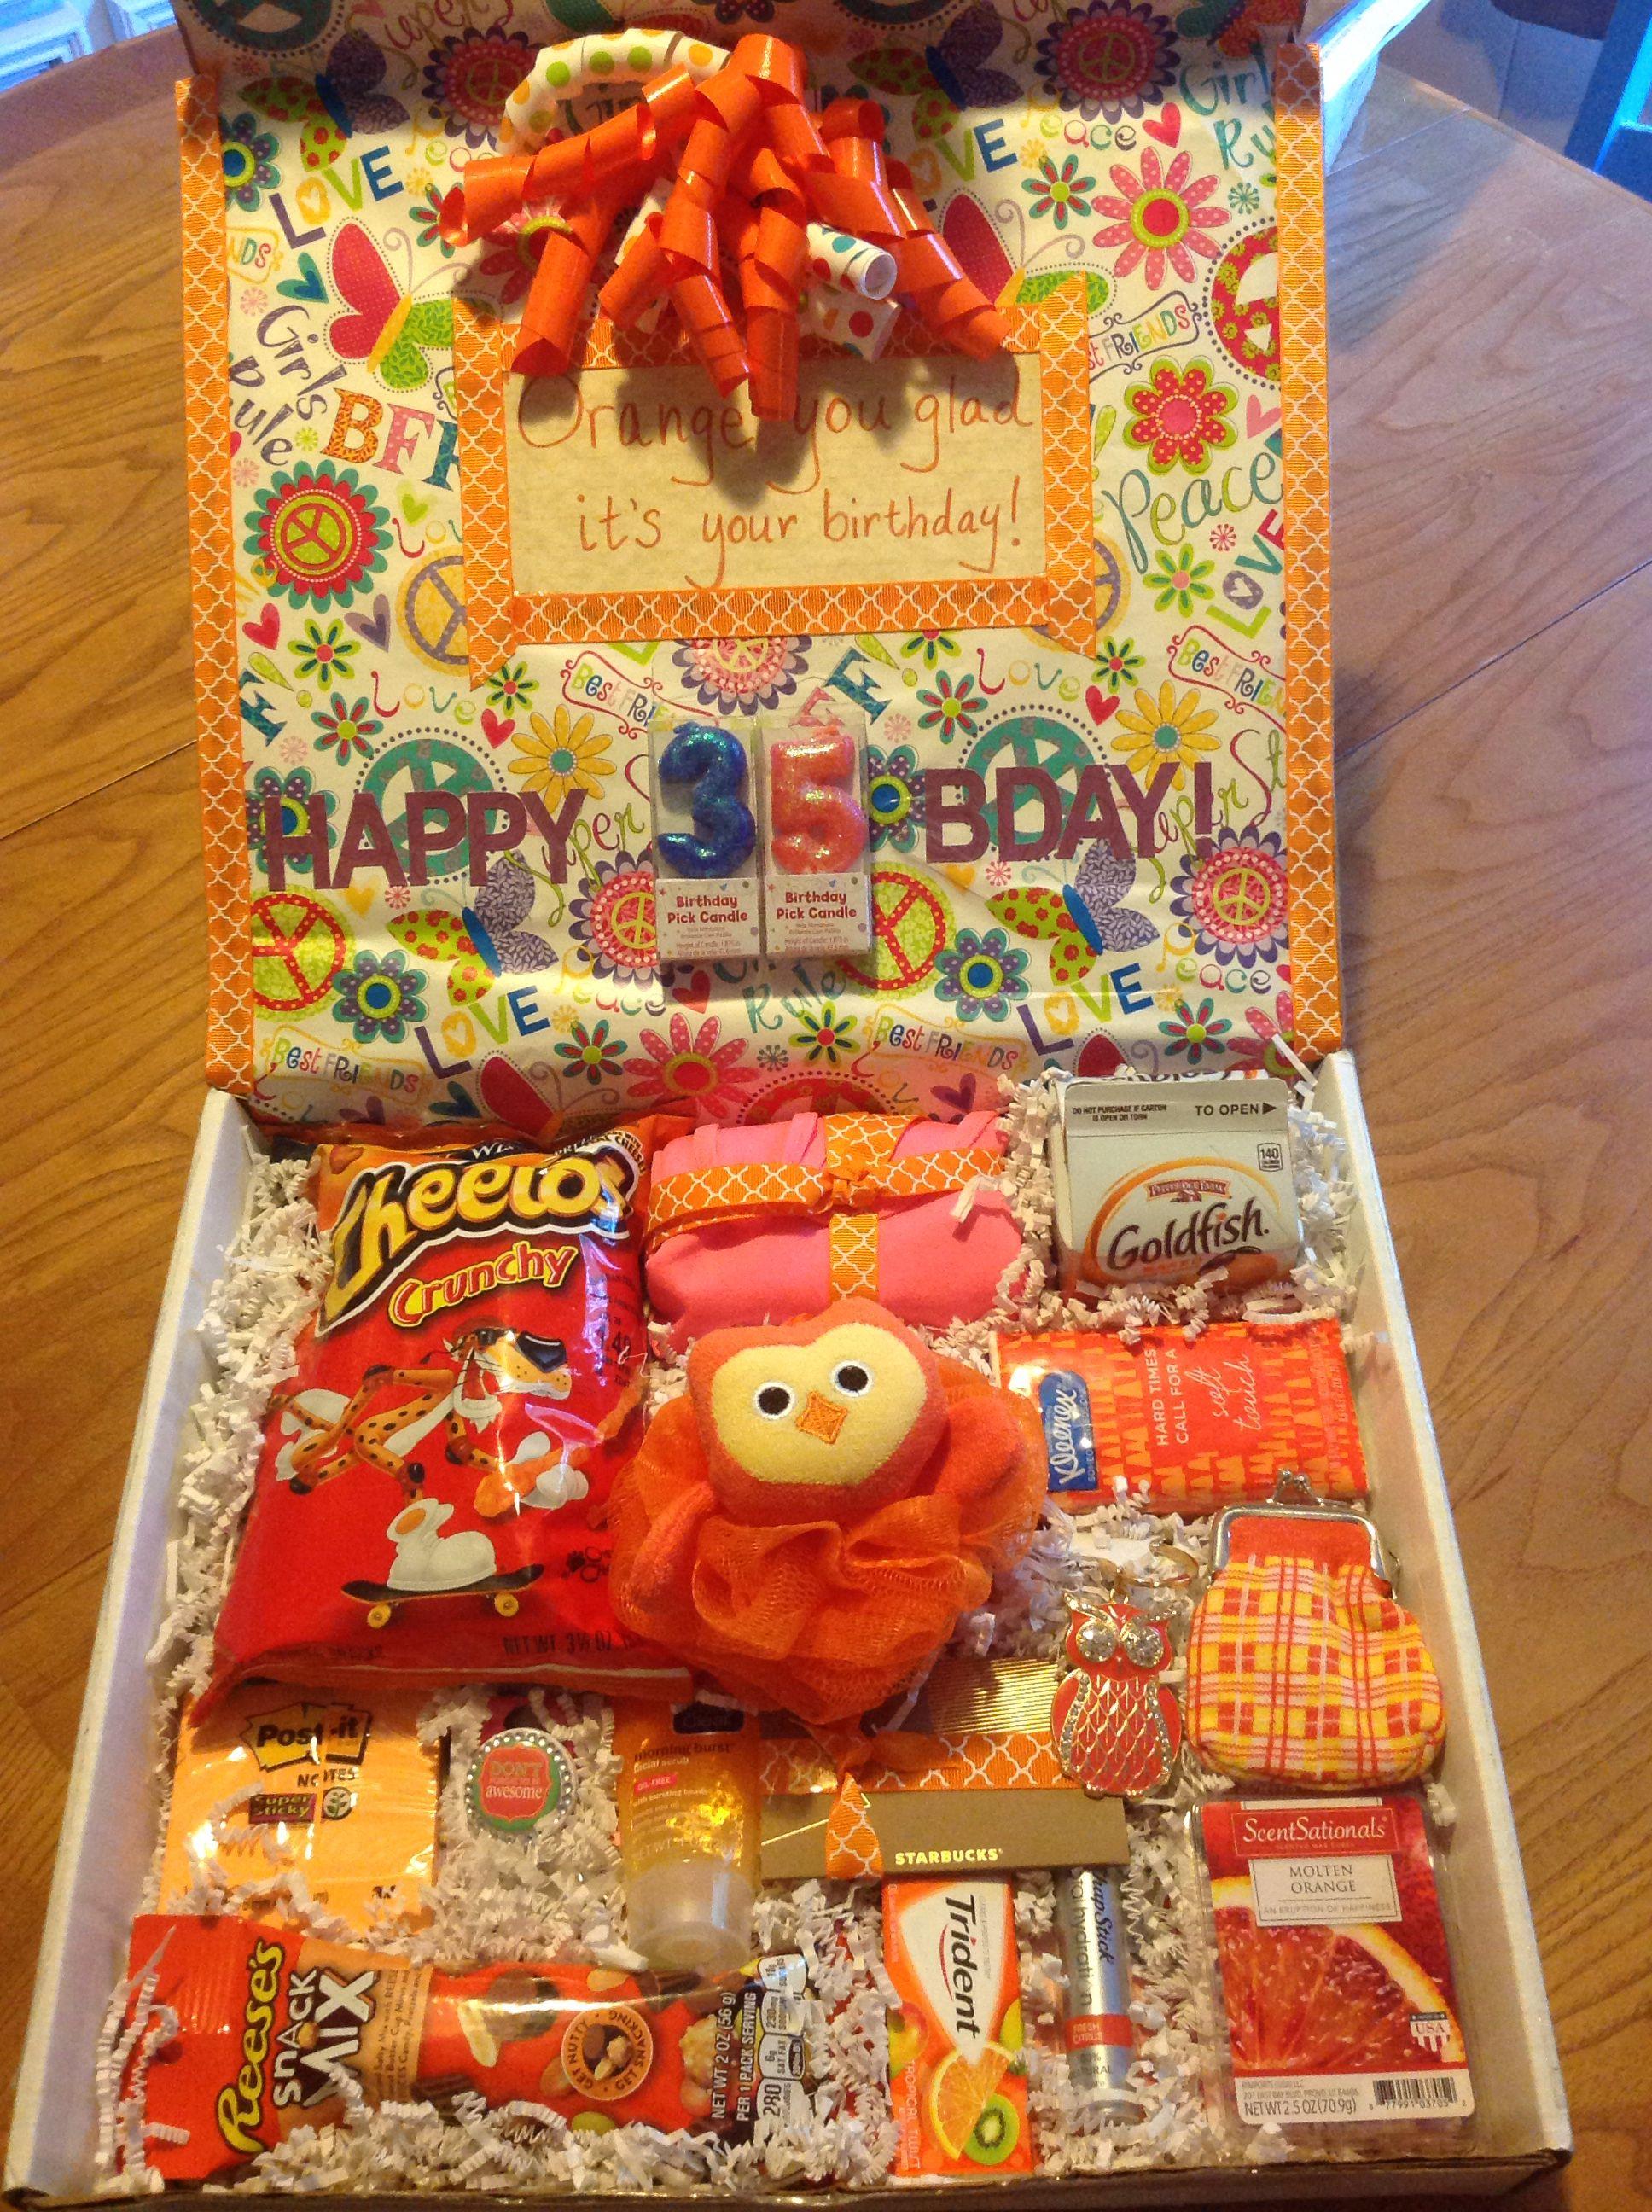 Orange you glad its your birthday gift box birthday